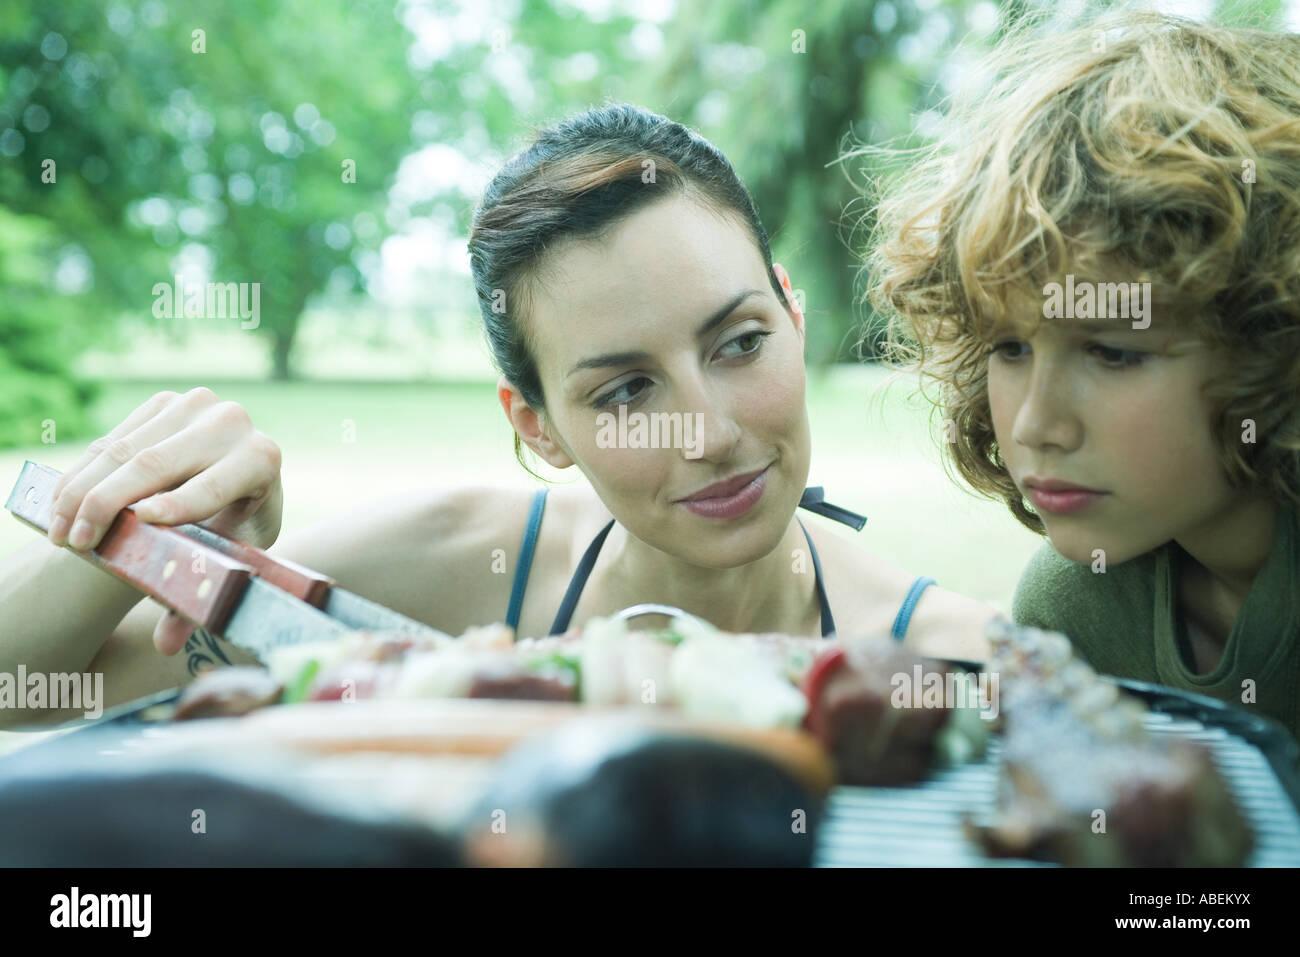 Boy Fleisch kochen am Grill, Frau mit einem Blick auf ihn